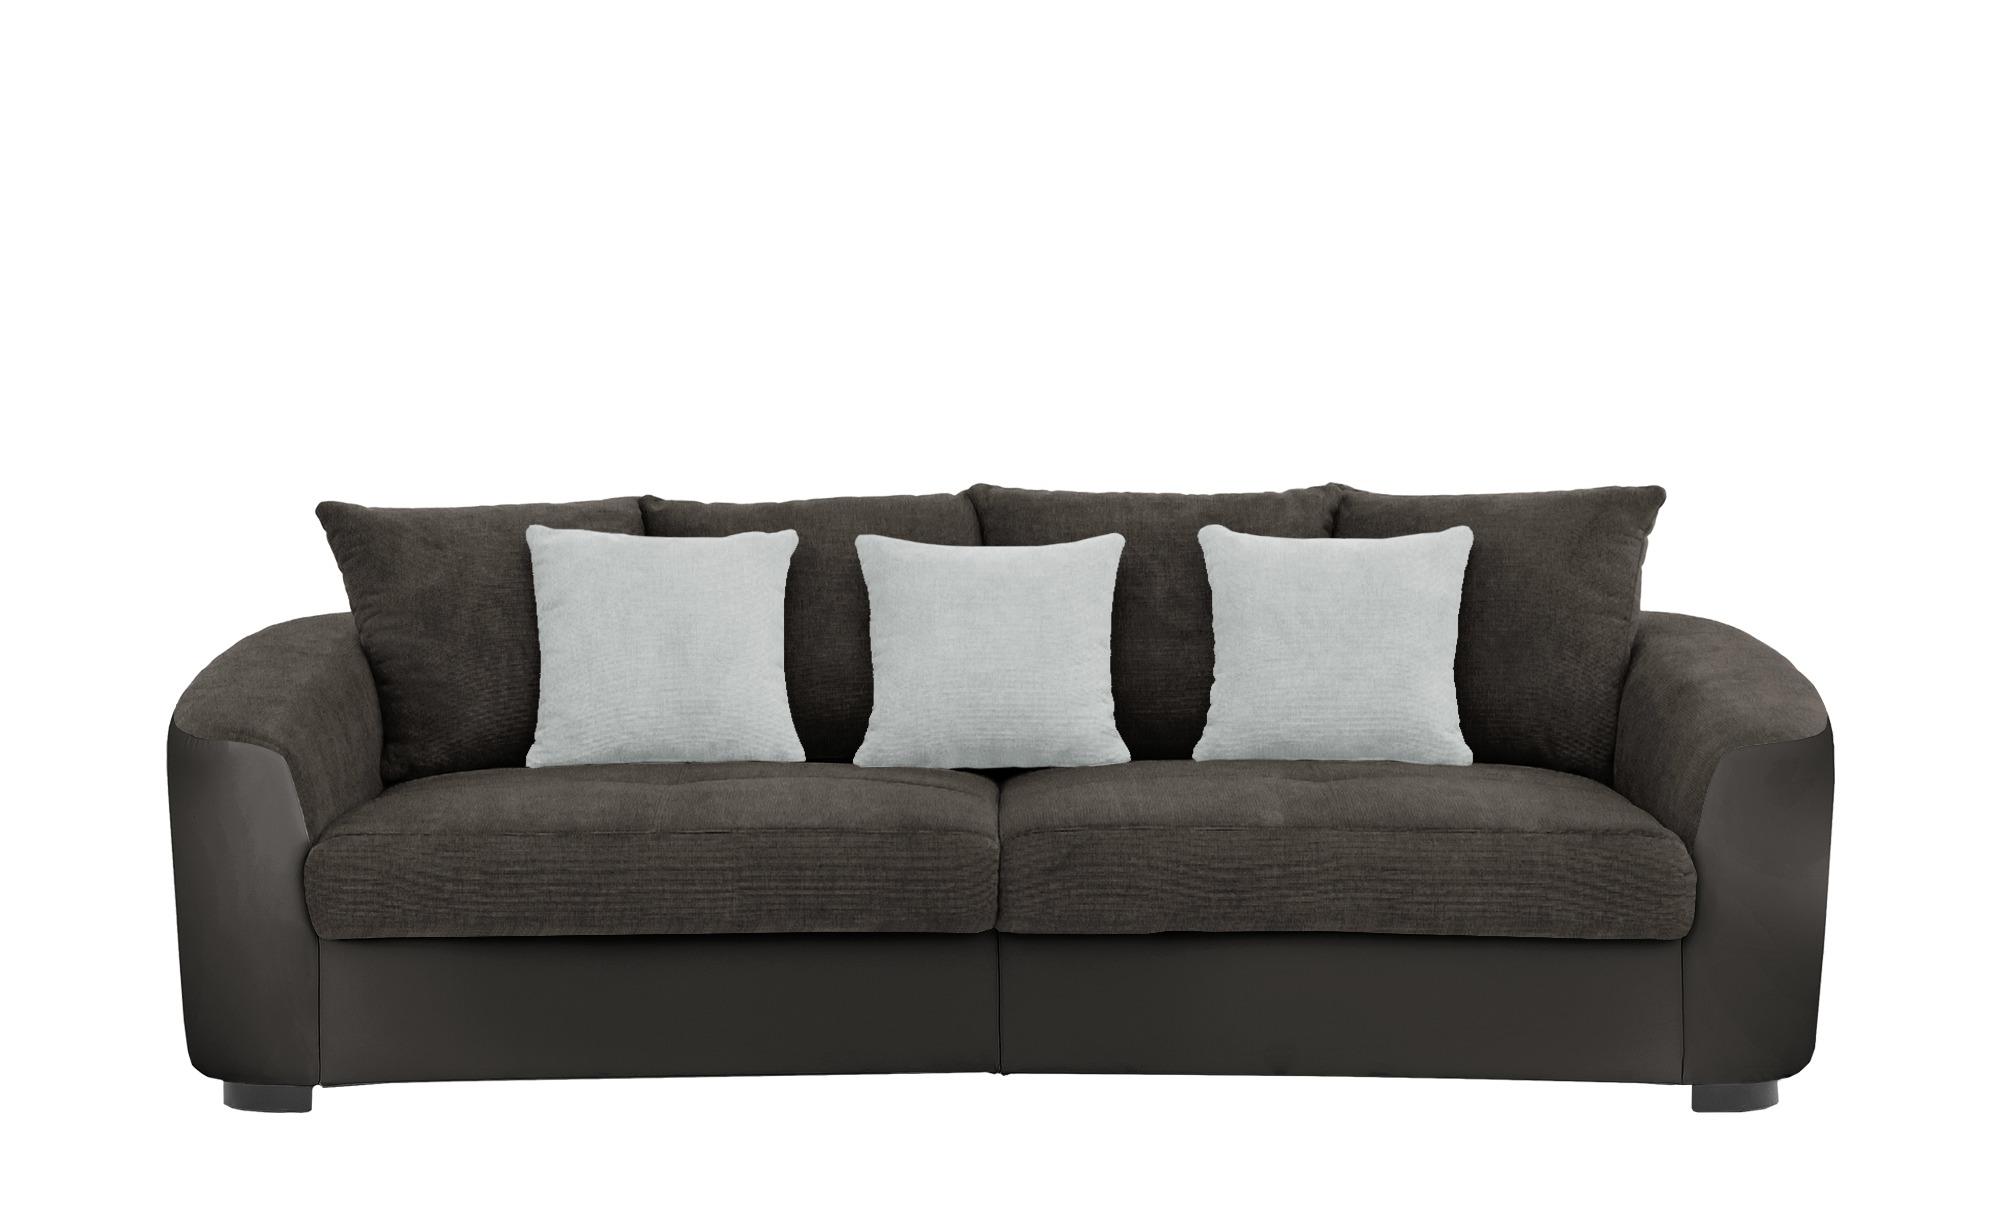 Big Sofa  Cancuun ¦ braun ¦ Maße (cm): B: 242 H: 62 T: 129 Polstermöbel > Sofas > Big-Sofas - Höffner